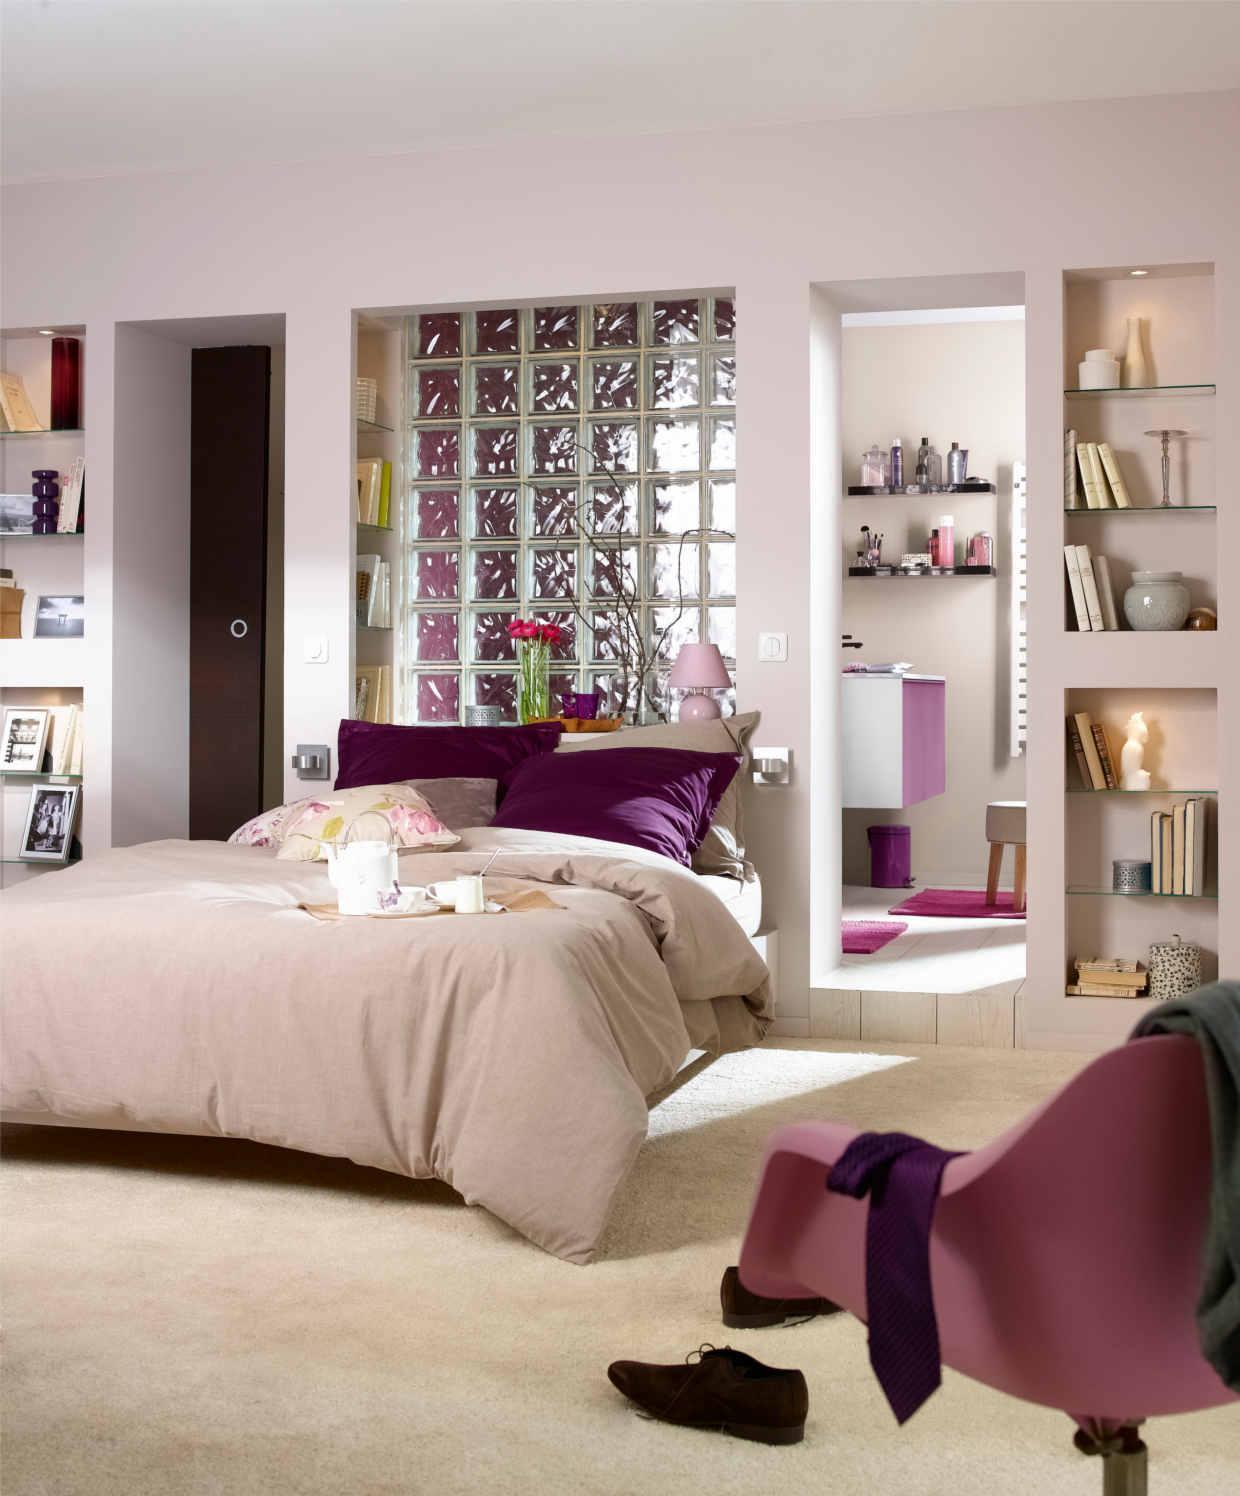 Delightful Faire Une Salle De Bain Dans Une Chambre #8: Créer Des Espaces Du0027intimité